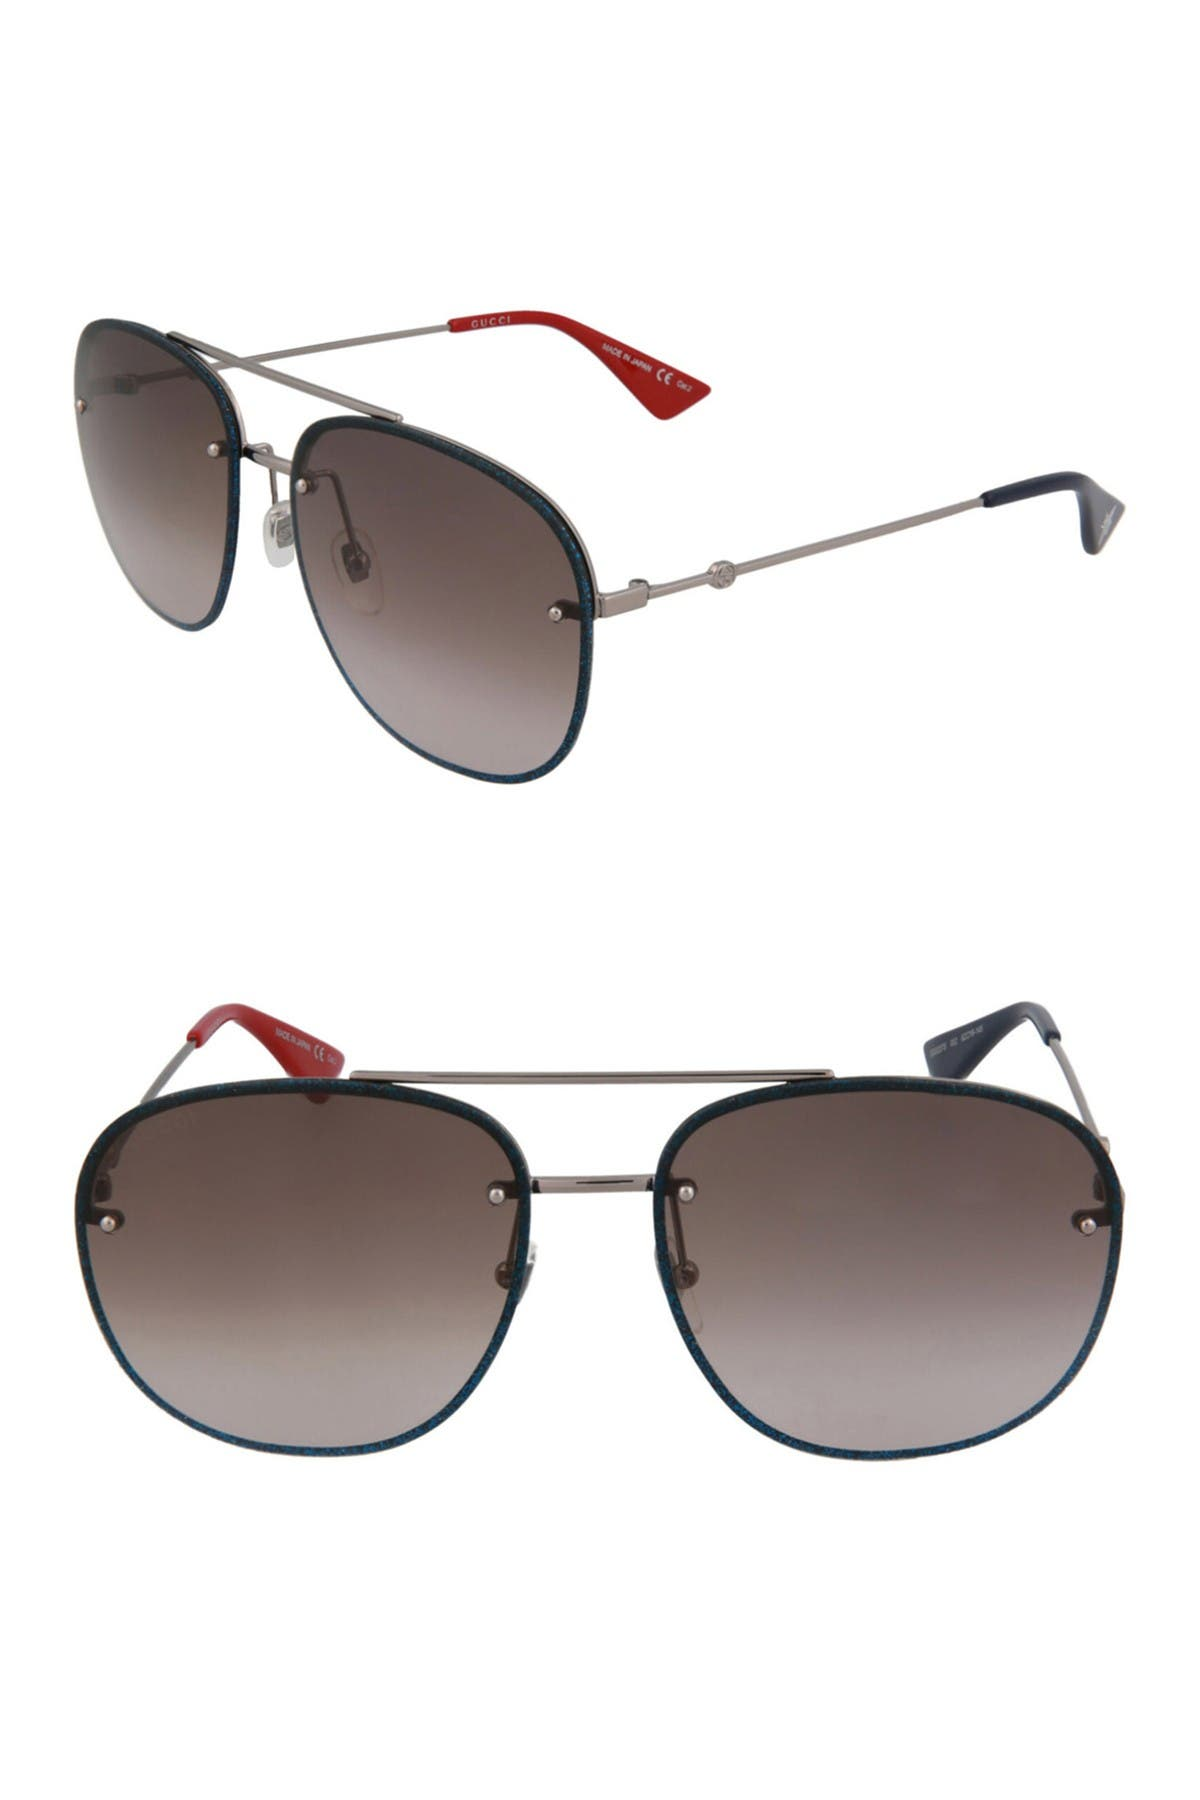 Gucci 62mm Fashion Aviator Sunglasses In Black